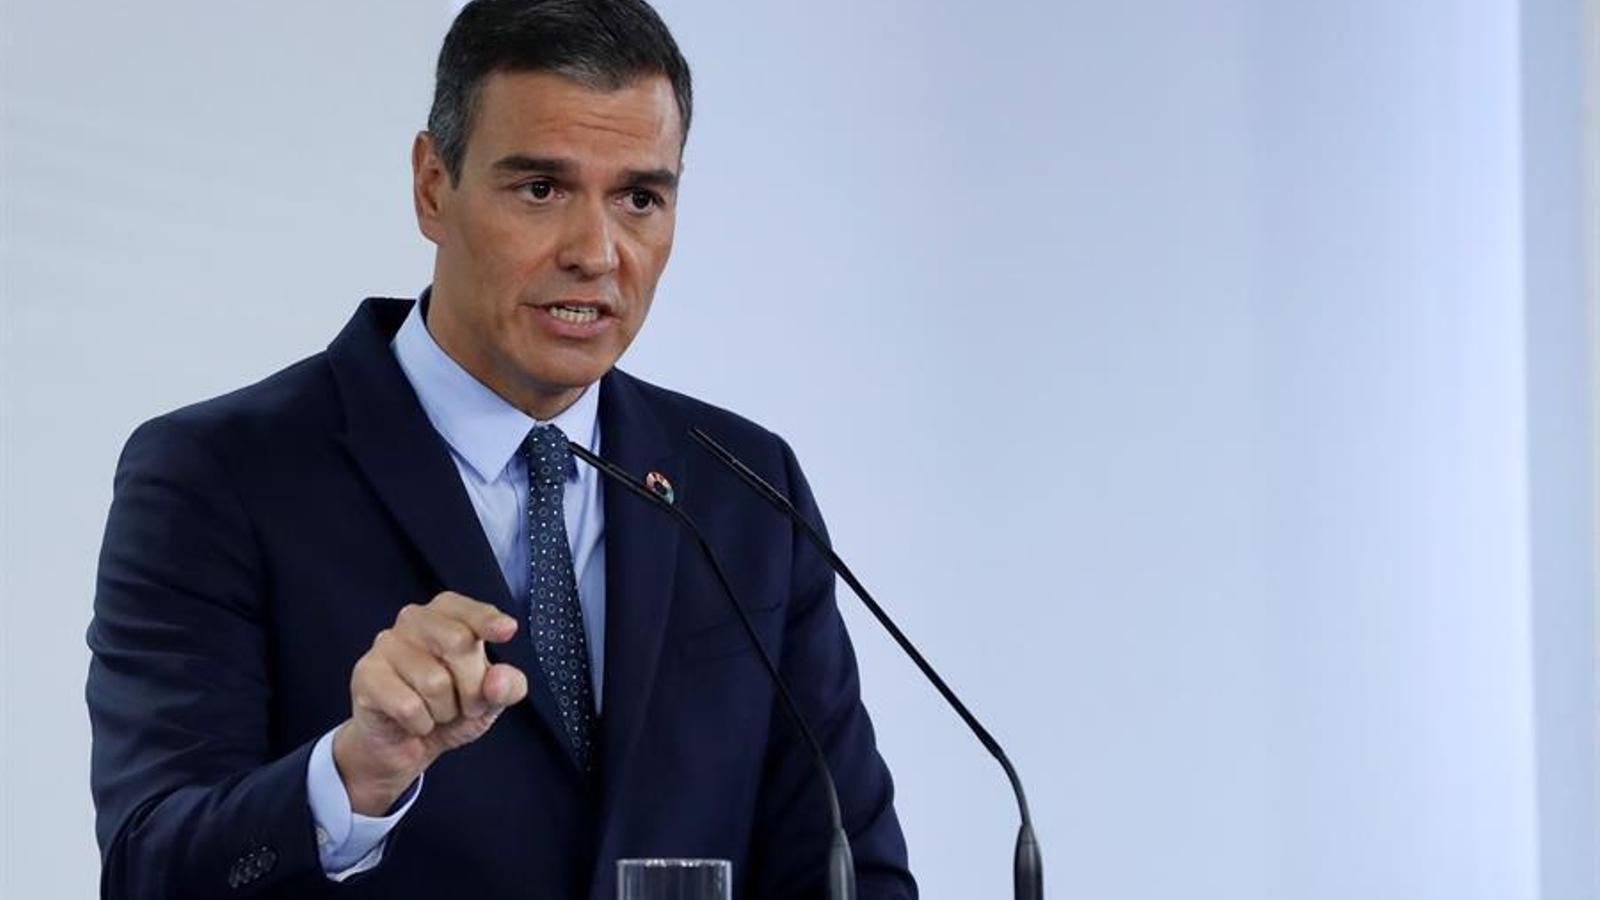 EN DIRECTE | Conferència de Sánchez per inaugurar el curs polític a Madrid